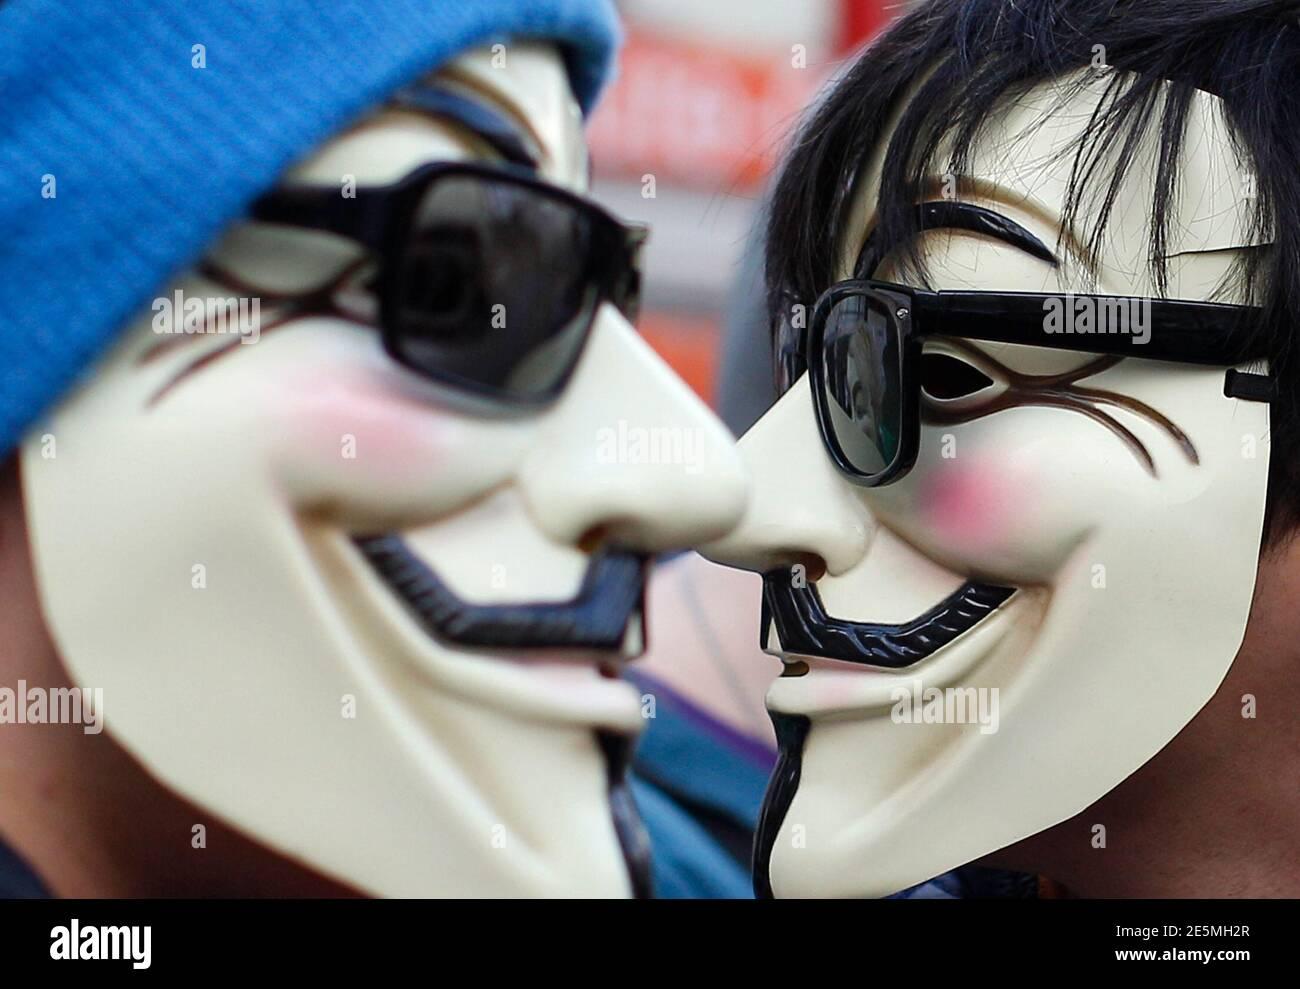 Los manifestantes que llevan máscaras Guy Fawkes, populares por la novela gráfica 'V for Vendetta', participan en una manifestación contra el ACTA (Acuerdo Comercial Antifalsificación) en Viena, el 25 de febrero de 2012. Los manifestantes temen que el ACTA acorte la libertad de expresión, ponga freno a su libertad para descargar películas y música de forma gratuita y fomente la vigilancia por Internet. REUTERS/LISI NIESNER (AUSTRIA - TAGS: POLÍTICA DISTURBIOS CIVILES TPX IMÁGENES DEL DÍA) Foto de stock